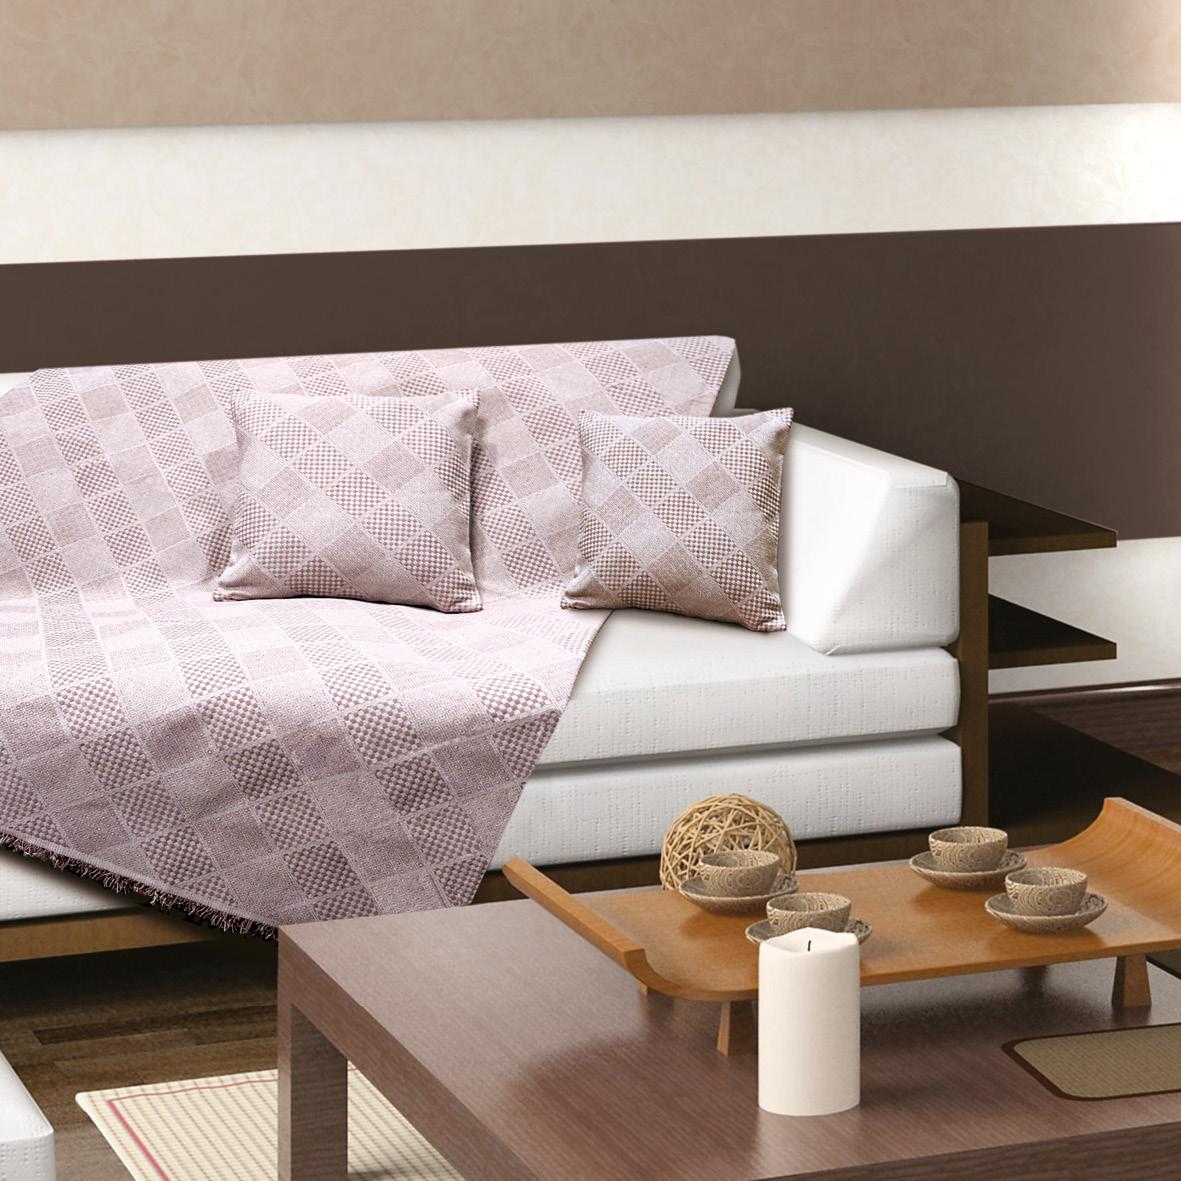 Ριχτάρι Polycotton Πολυθρόνας 180×160εκ. Orlando Dusty Sb home (Ύφασμα: 80% Cotton – 20% Polyester, Χρώμα: Σάπιο Μήλο ) – Sb home – 5206864061644